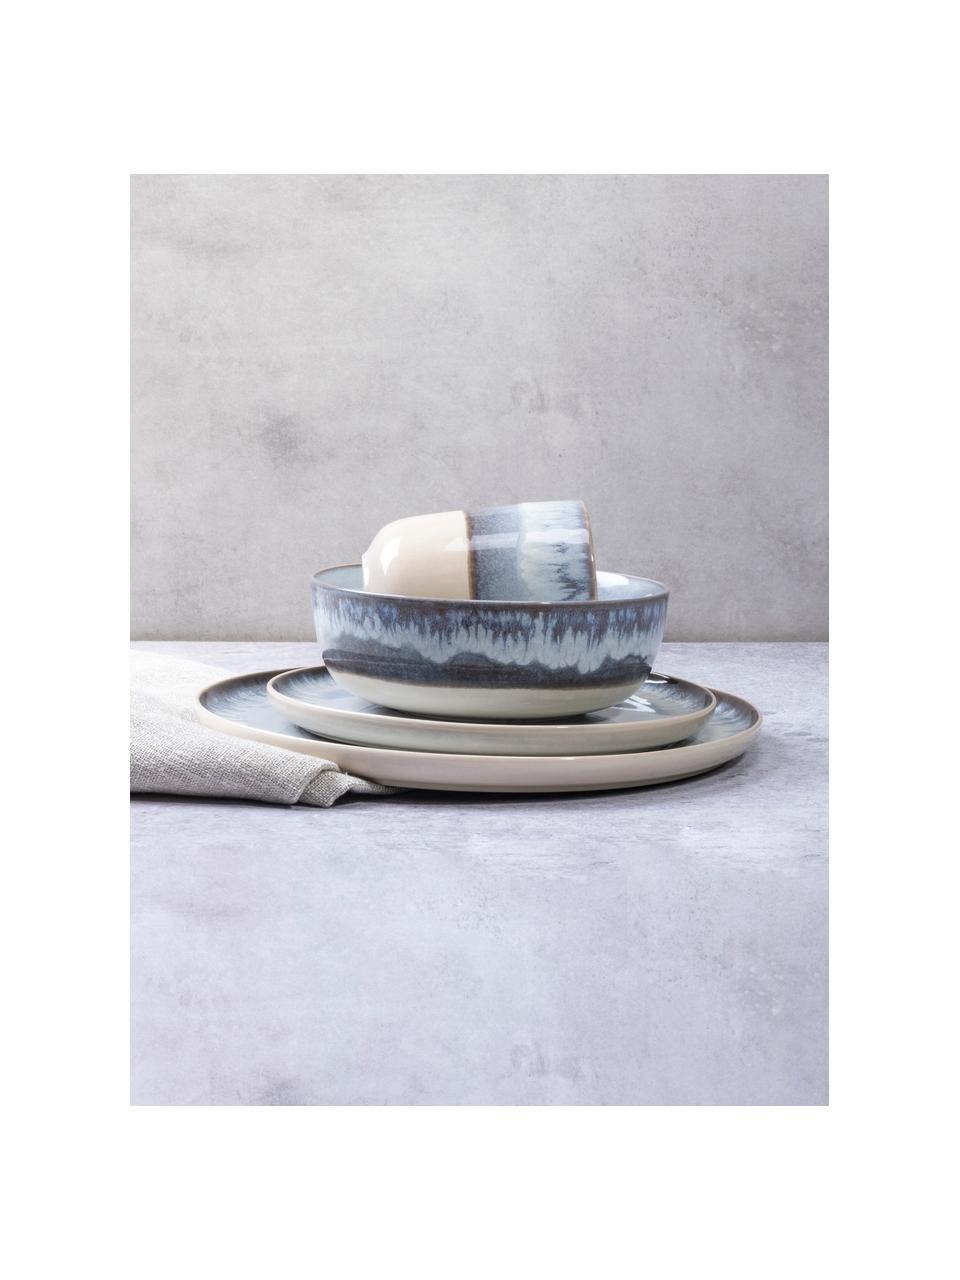 Talerz śniadaniowy Inspiration, 2 szt., Kamionka, Niebieski, jasny beżowy, Ø 21 cm